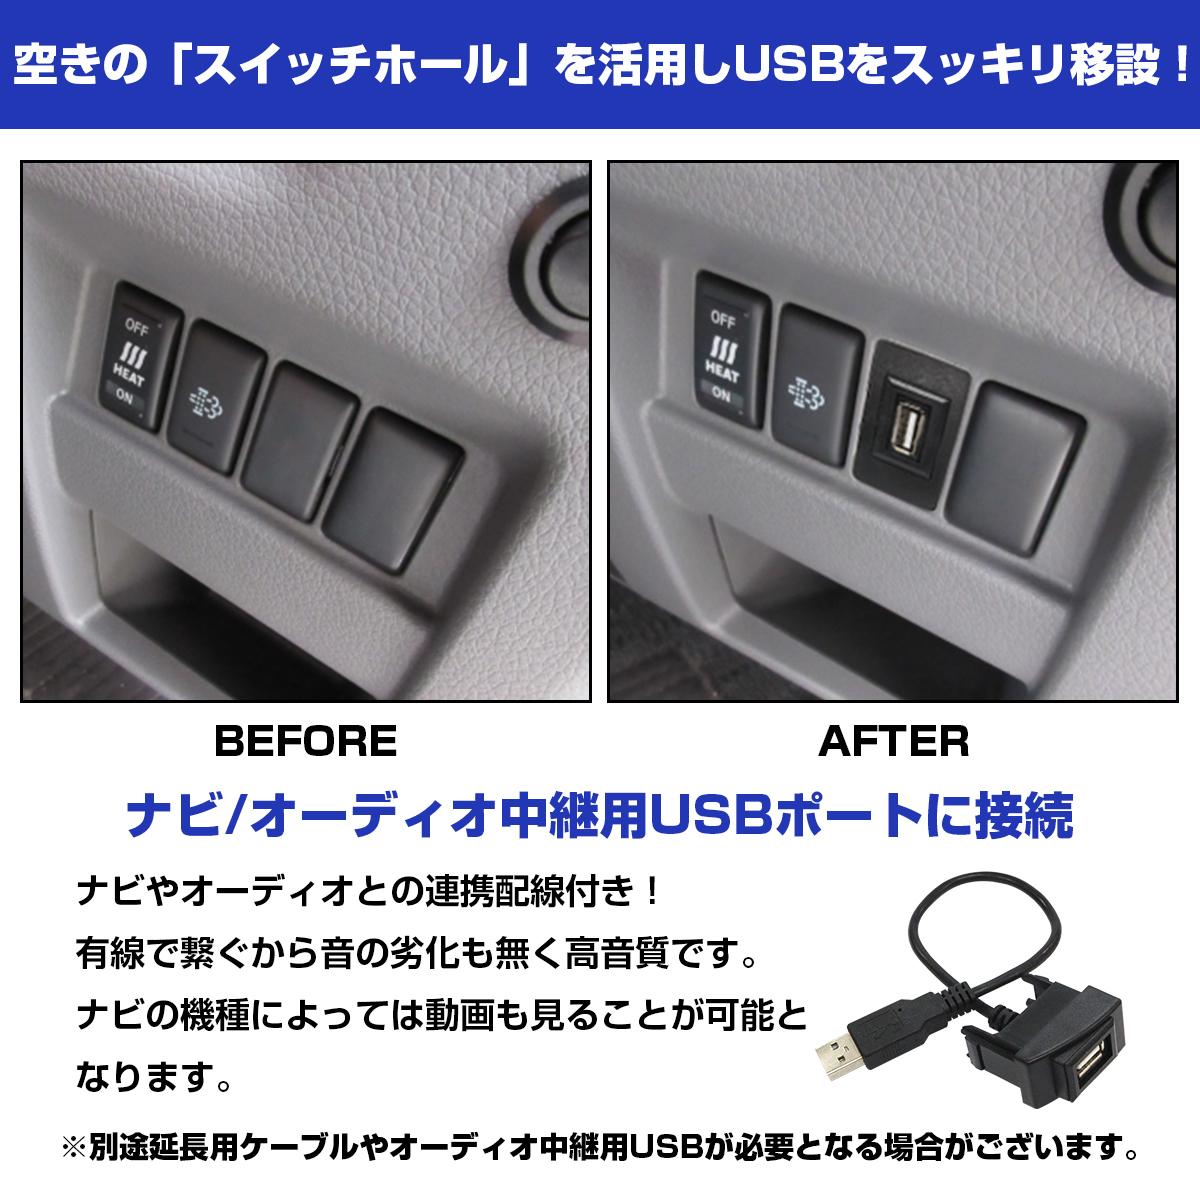 【トヨタAタイプ】 ヴィッツ UZJ/HDJ100系 H17.2~H22.11 純正風 USB接続通信パネル 配線付 USB1ポート 埋め込み 増設USBケーブル 2.1A 12V_画像3